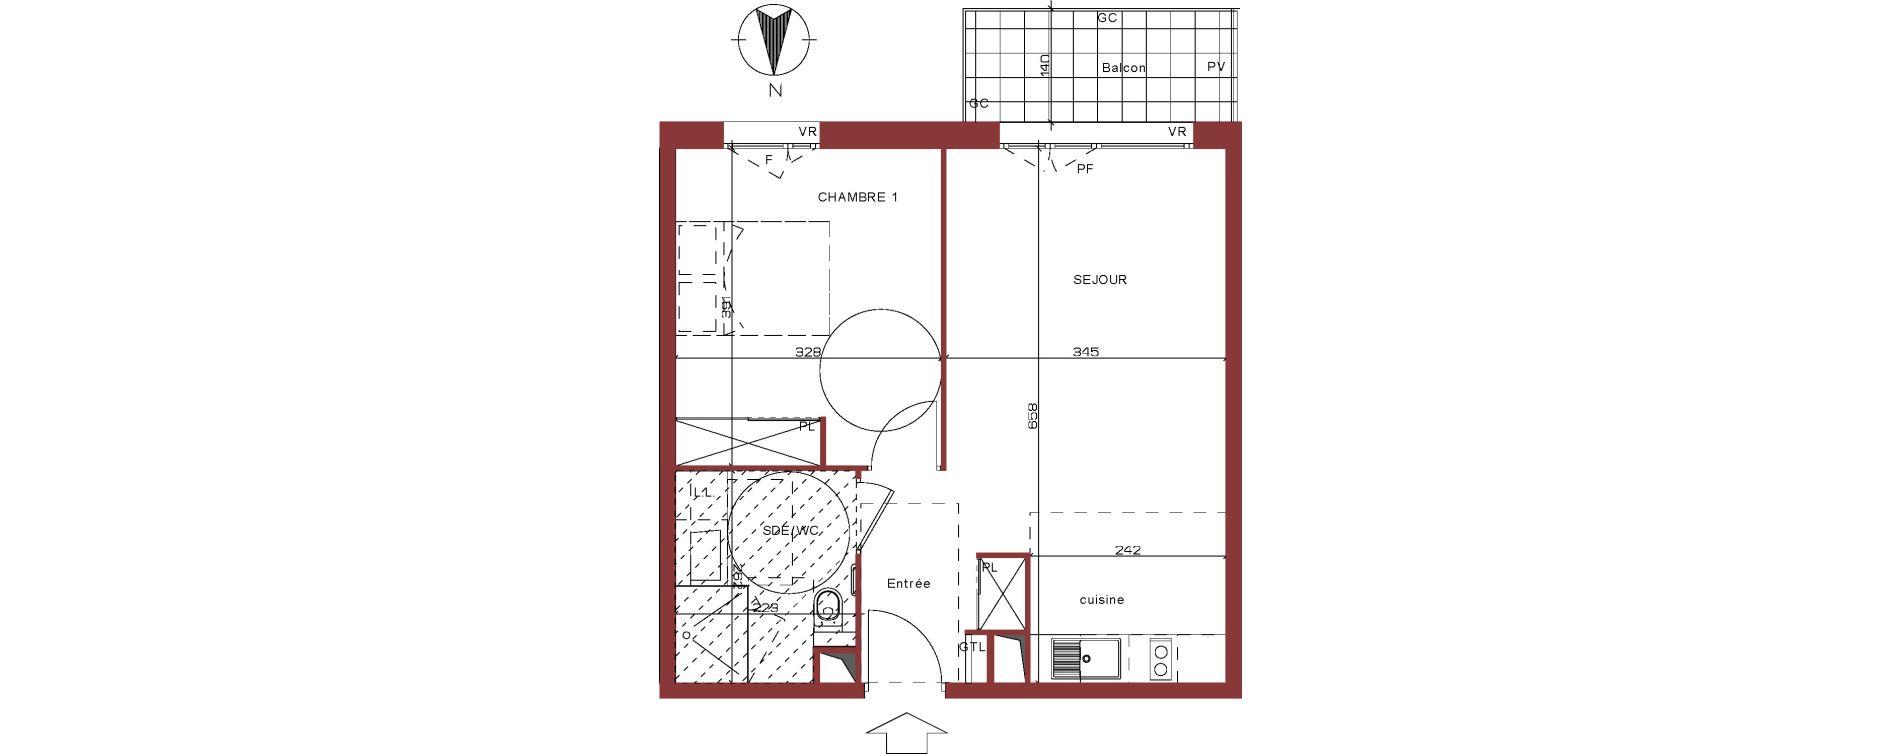 Appartement T2 meublé de 43,46 m2 à Villepinte La pépinière